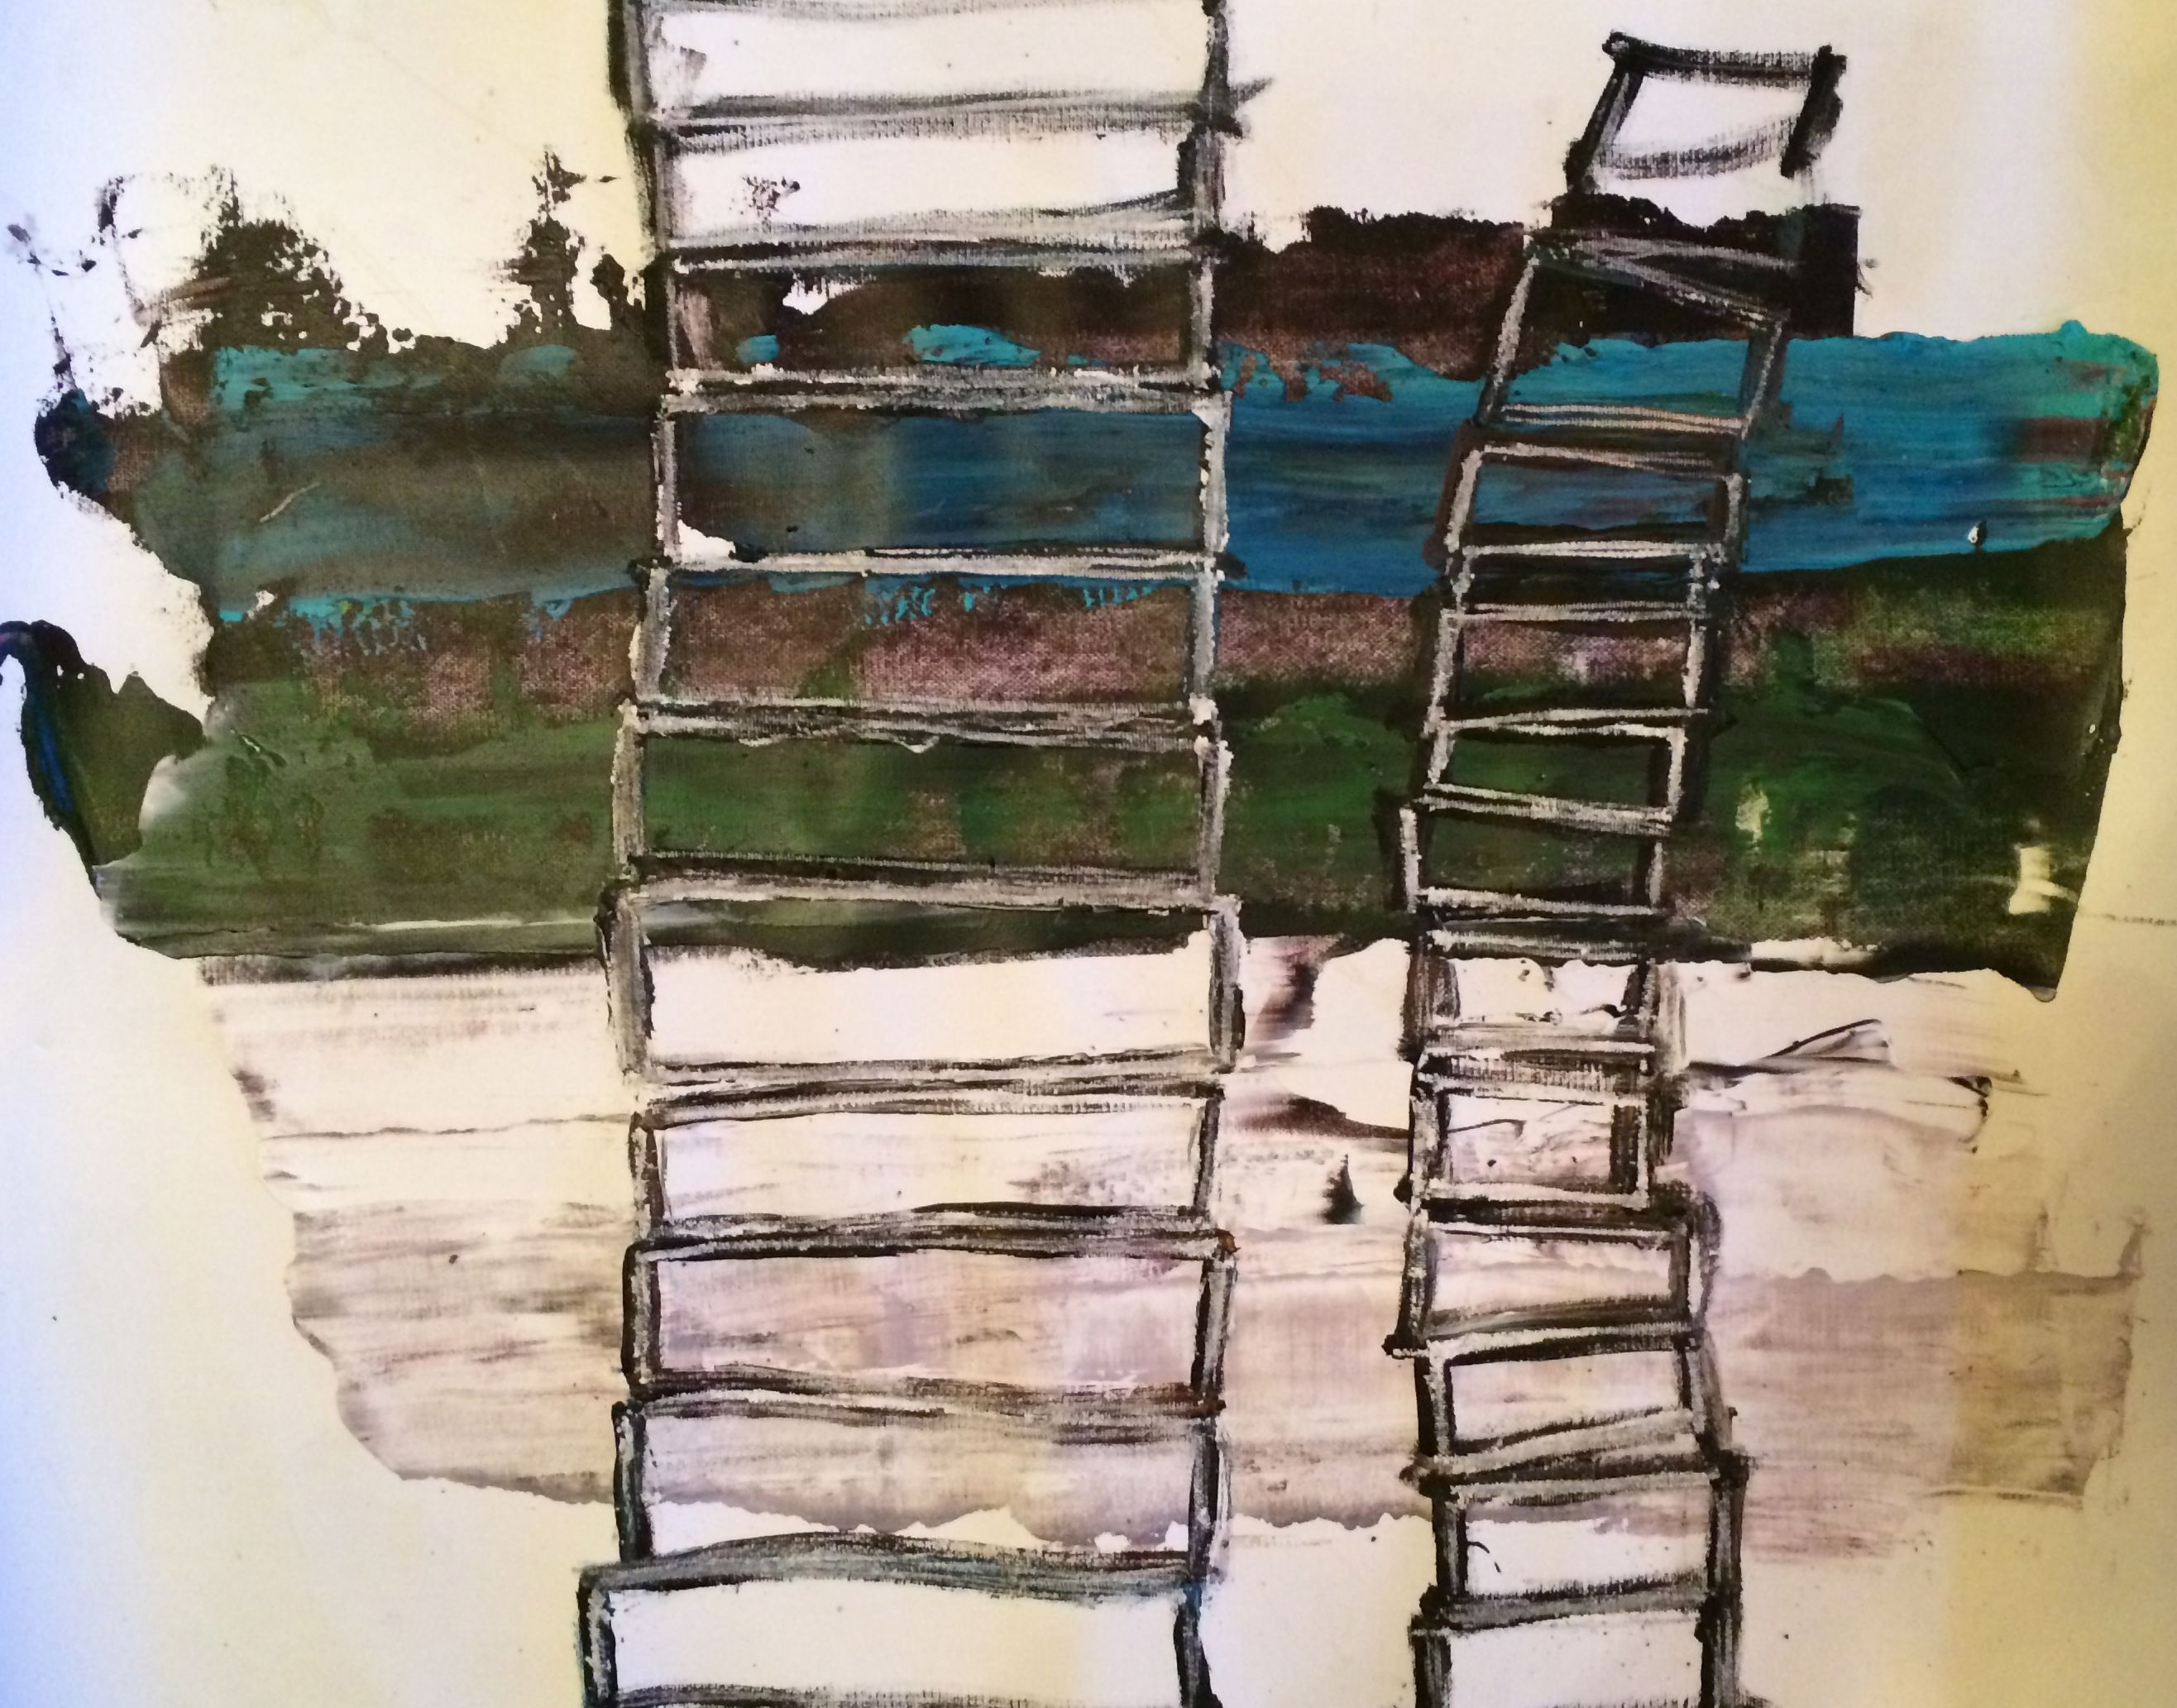 Stigebillede, acryl på lærred, 2014